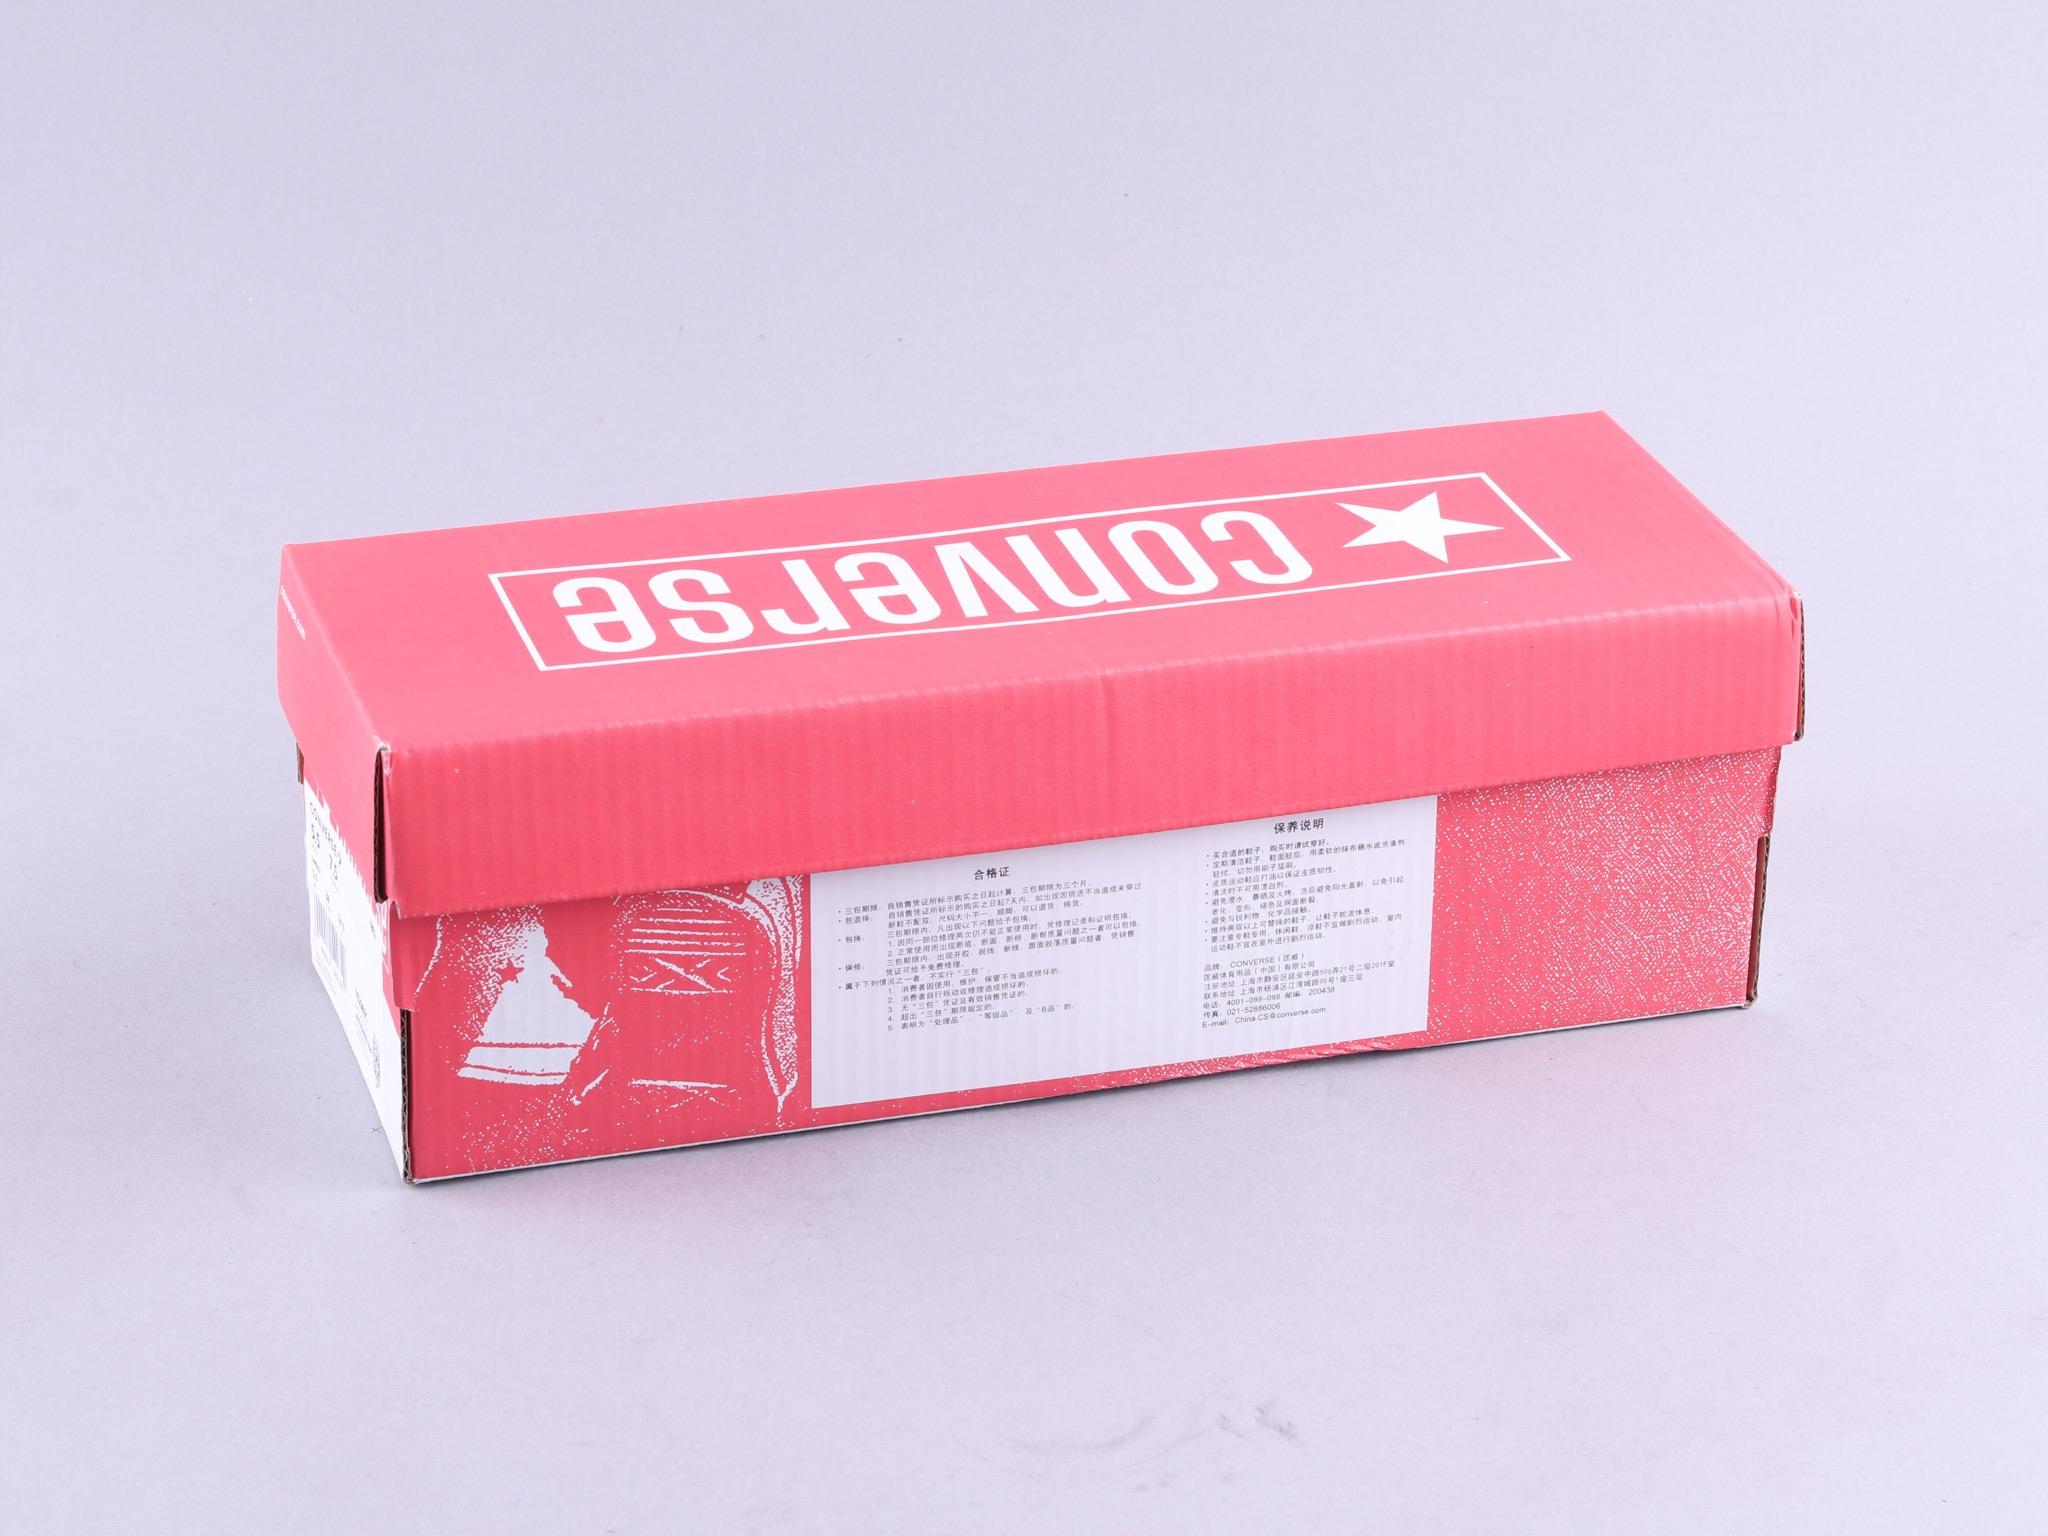 72FBDB10-E14D-430E-B87D-2A37174CA9BE.jpeg